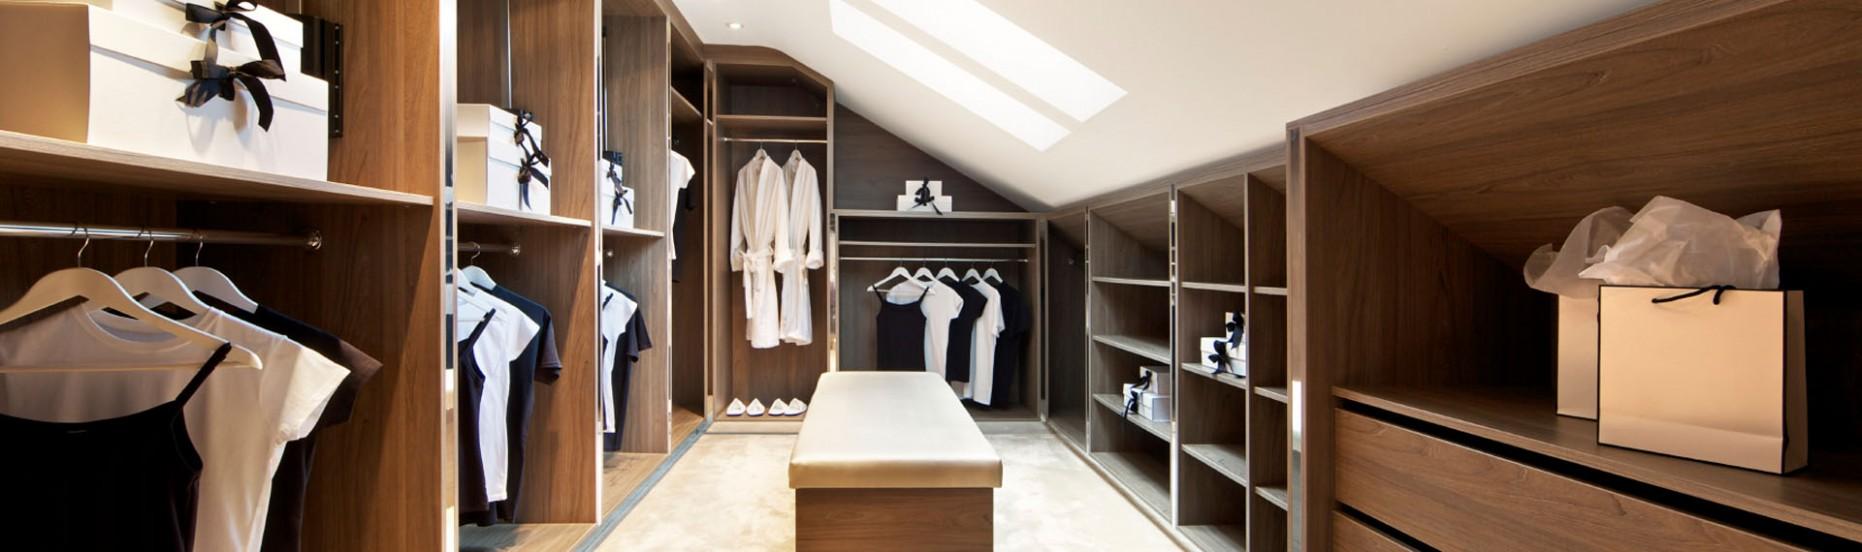 Andalo - Skříně na míru a vestavěné skříně.